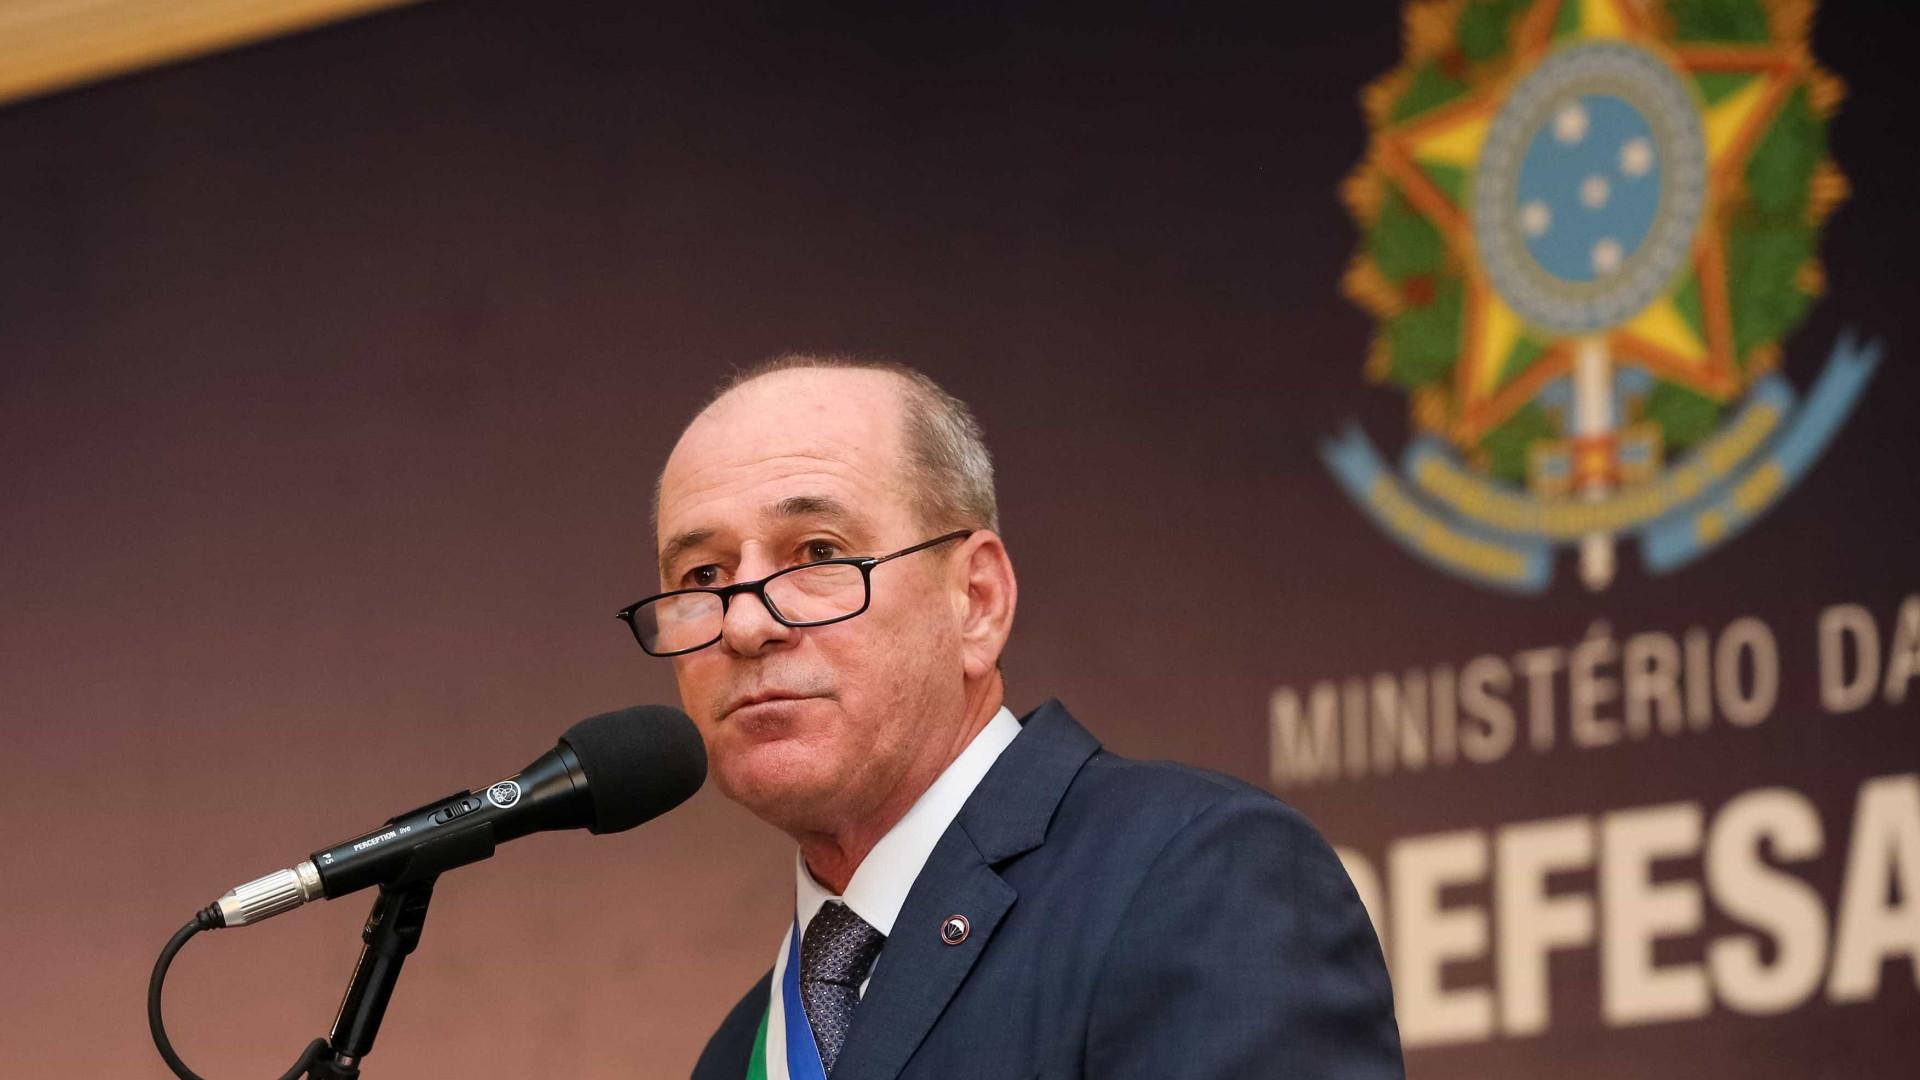 Ministro da Defesa Fernando Azevedo e Silva deixa o governo